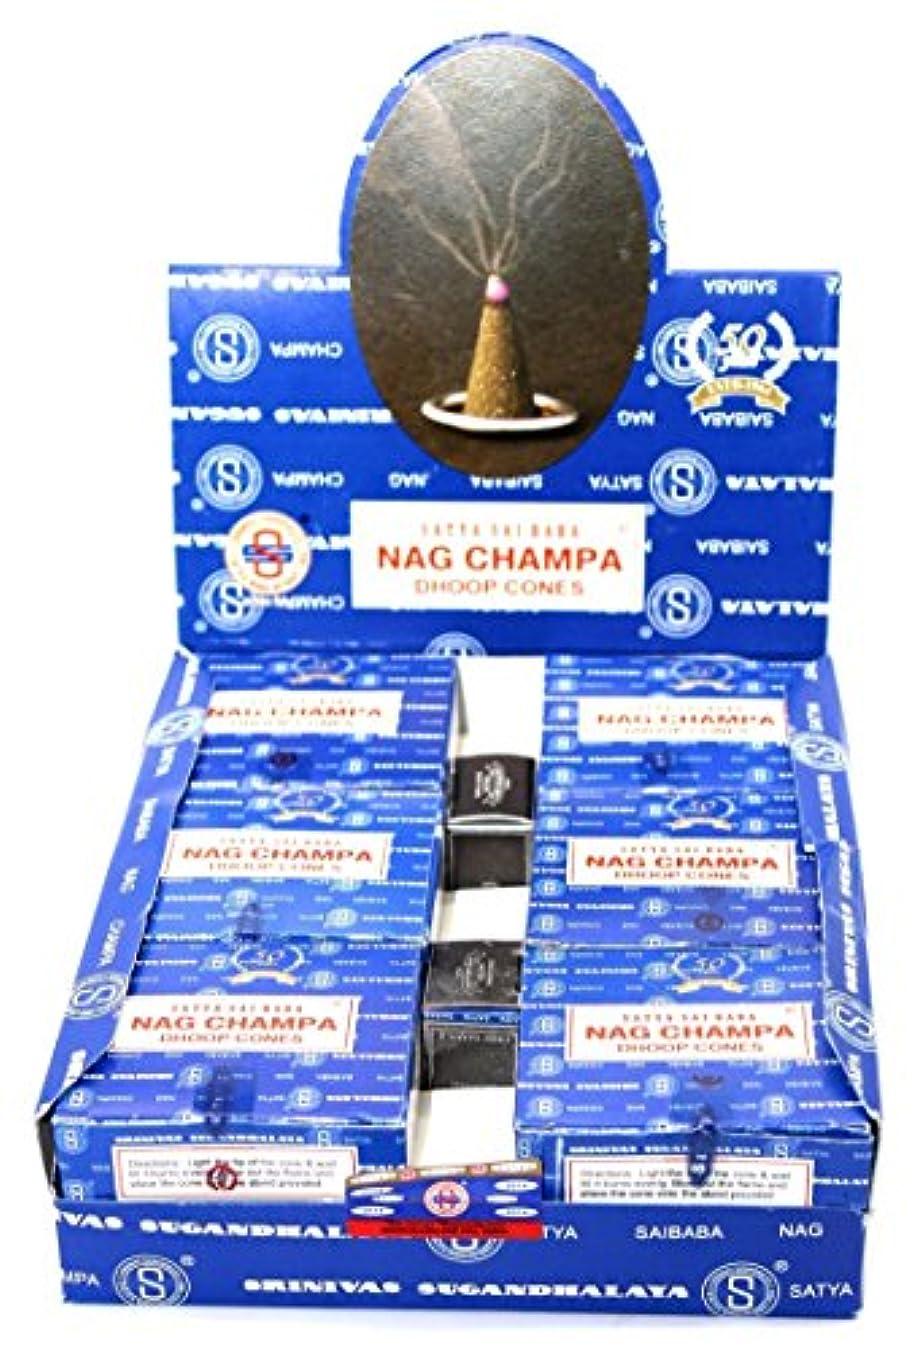 技術的なびっくりする余暇Nag Champa Satya Sai Baba Temple Incense Cones Carton, 12 Box by Nag Champa [並行輸入品]